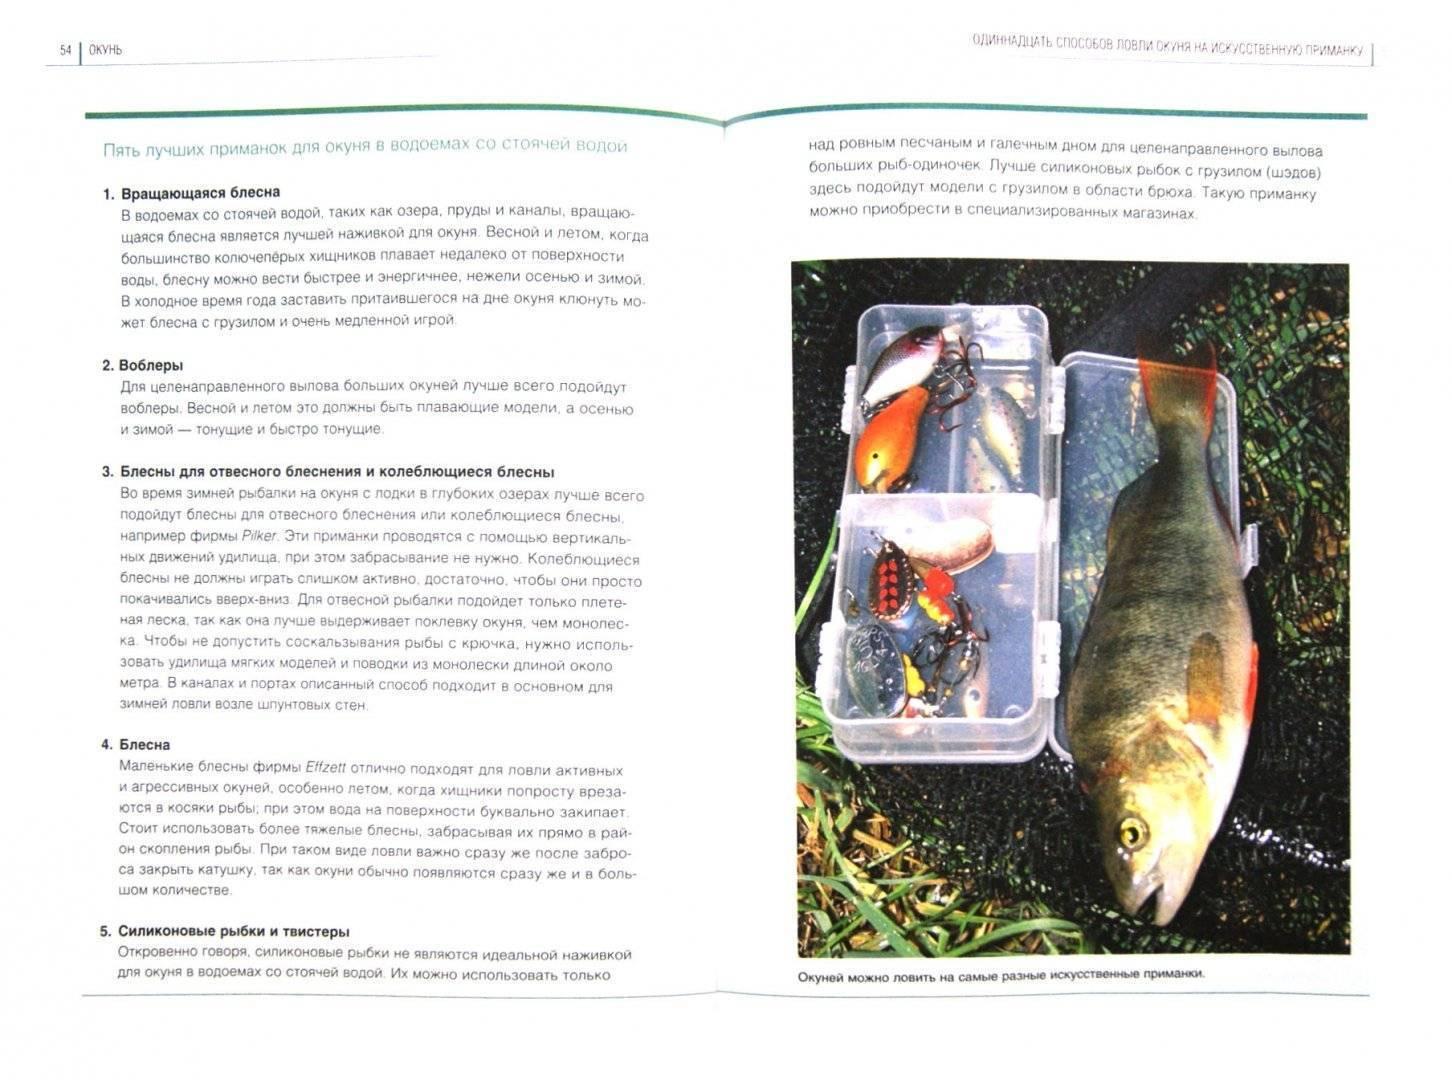 Поймать большую рыбу. медитация, осознанность, творчество -  дэвид линч читать онлайн бесплатно